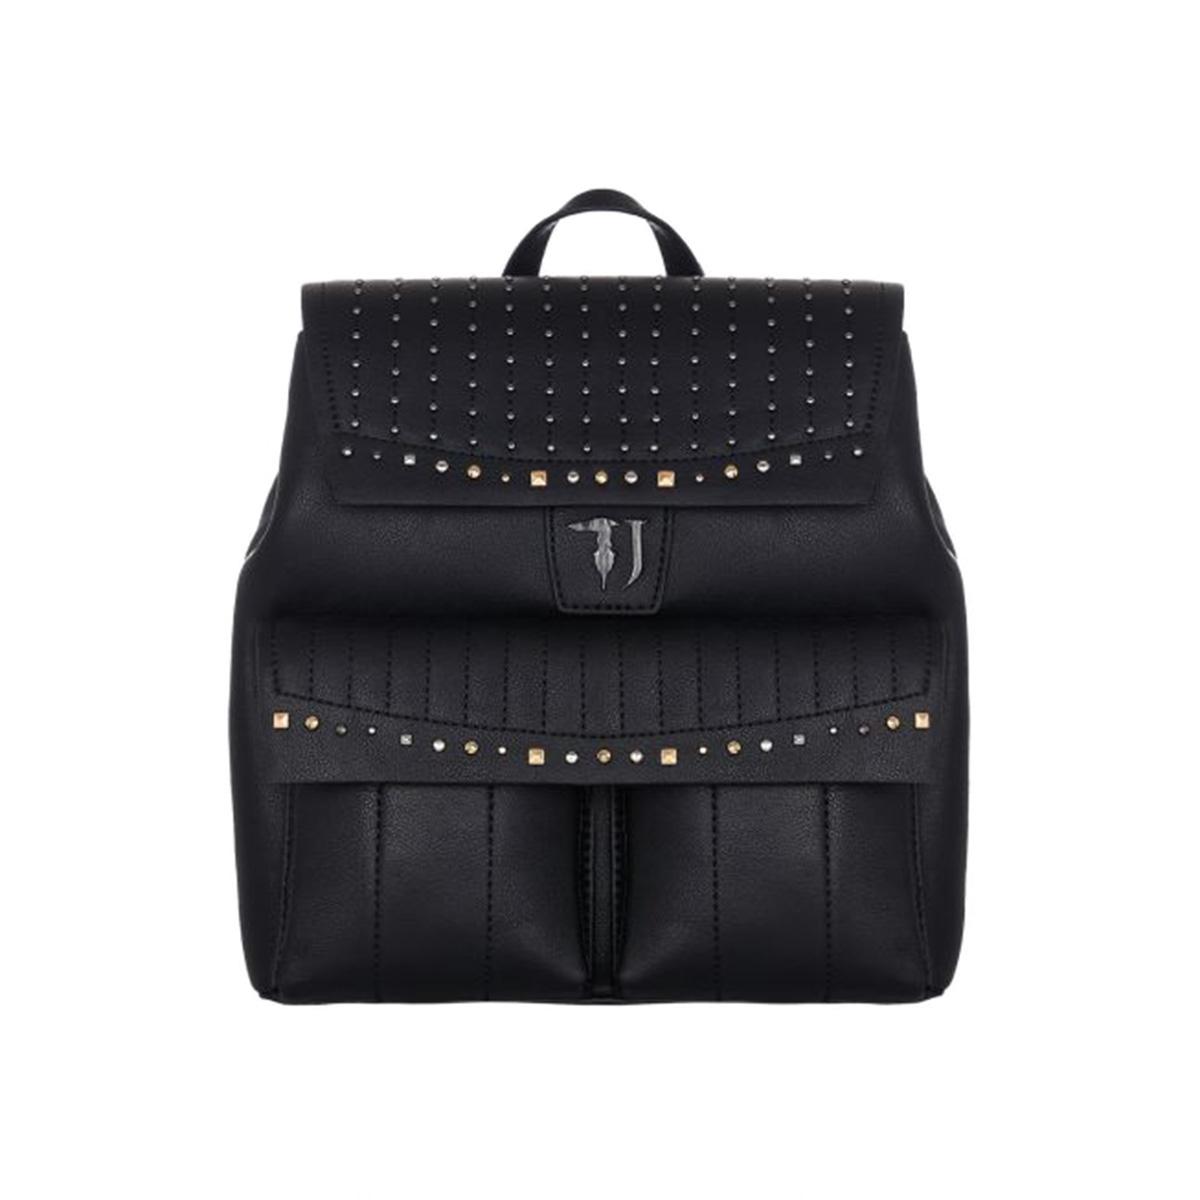 1689a2b2b2 Σακίδιο Πλάτης Με Τρουκς Trussardi Jeans Curcuma Backpack 75B00508 ...